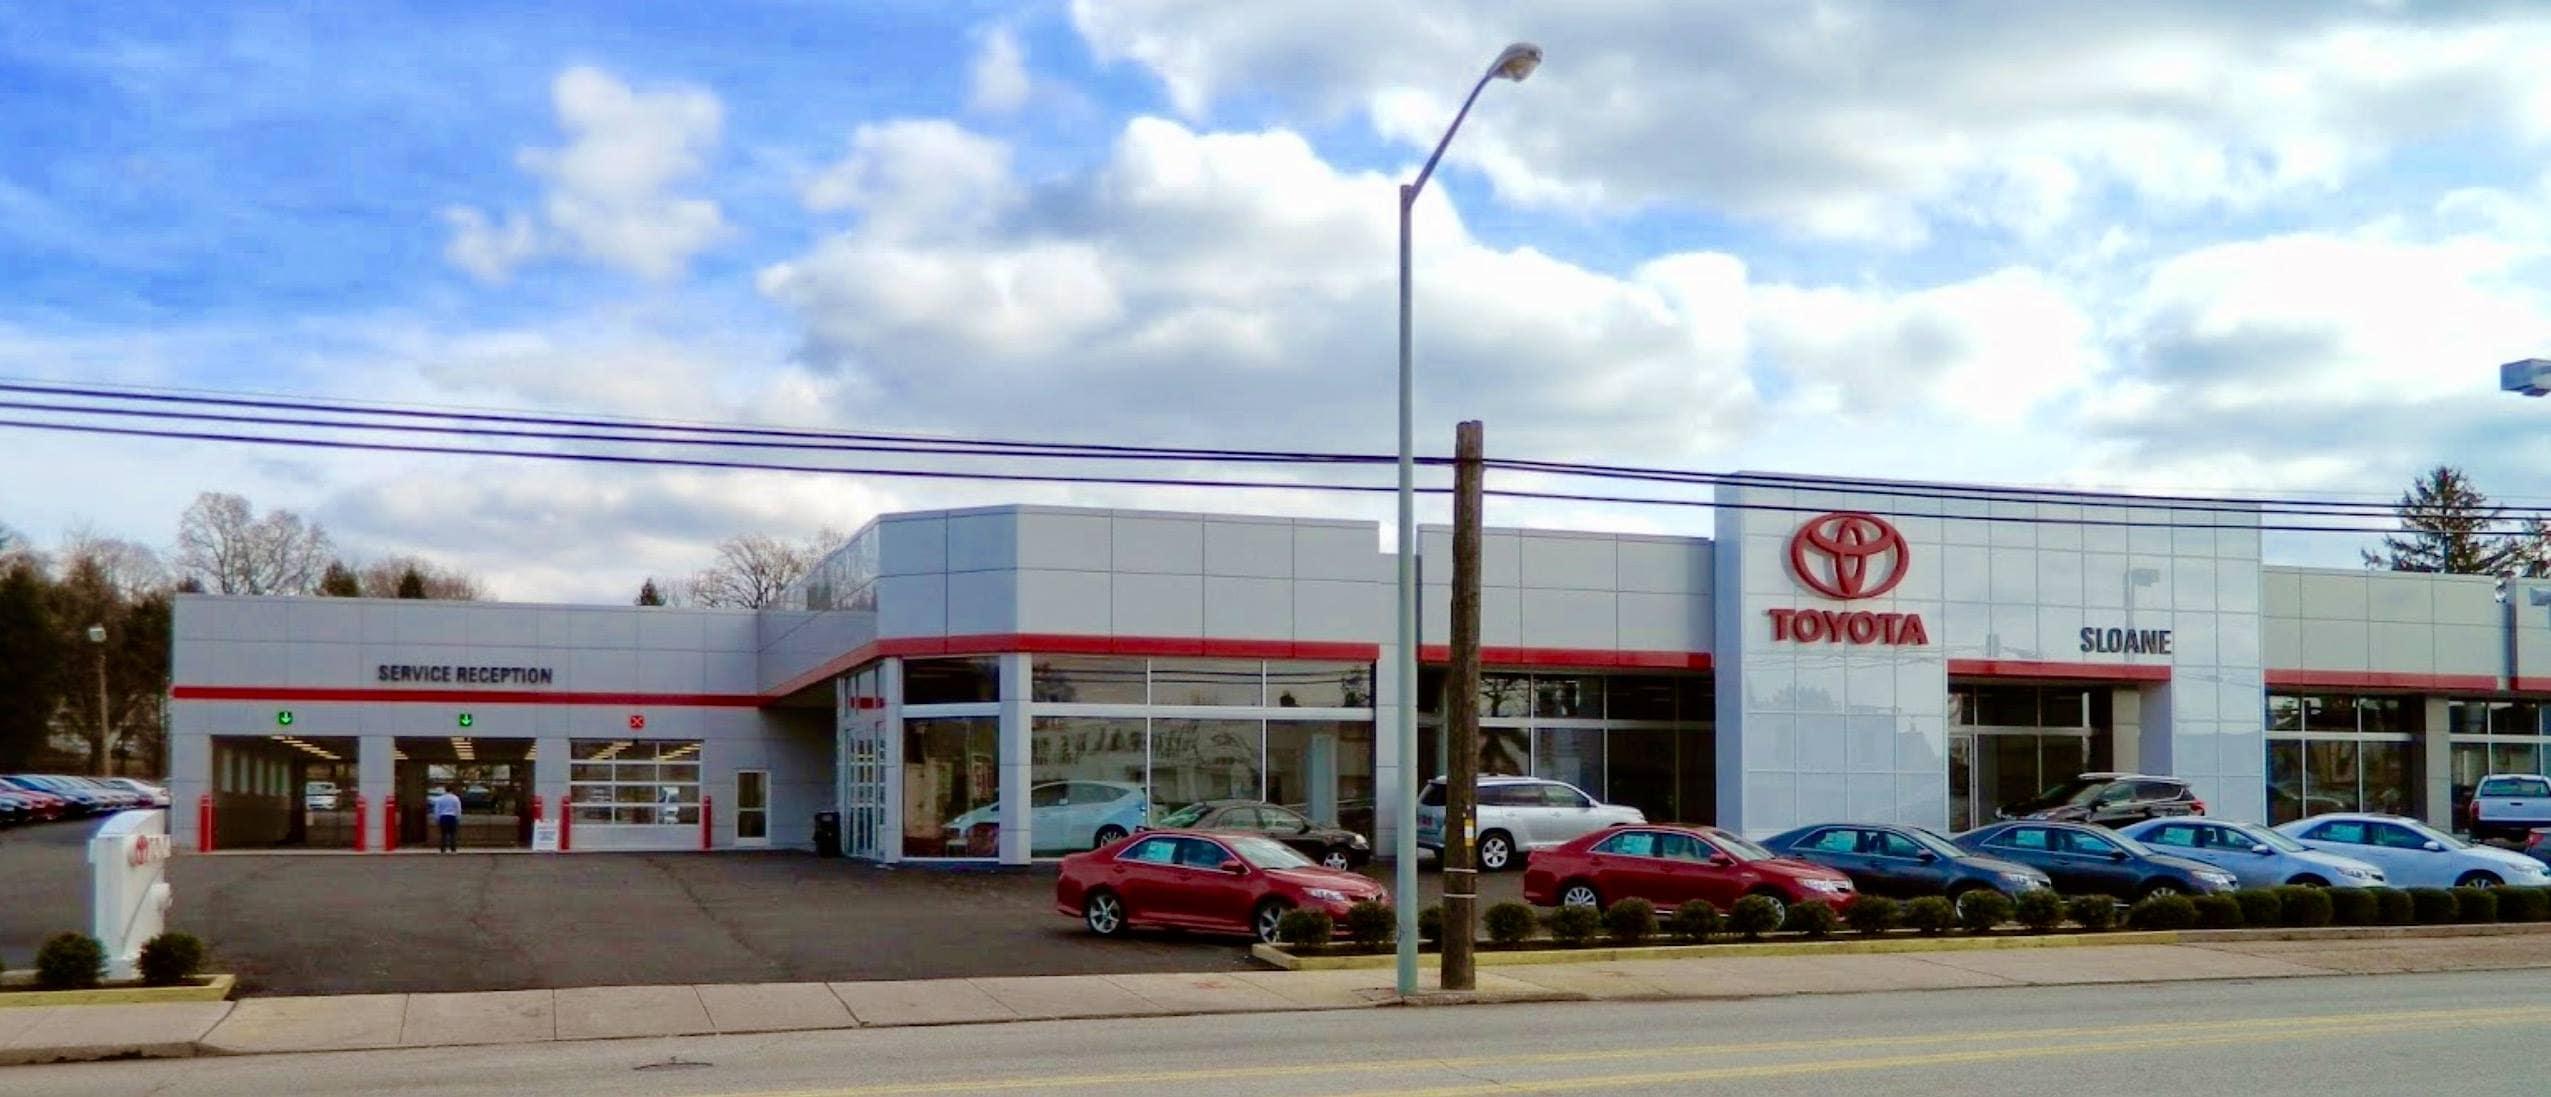 Sloane Toyota Of Philadelphia >> Toyota Dealer In Glenside Near Horsham Willow Grove Pa